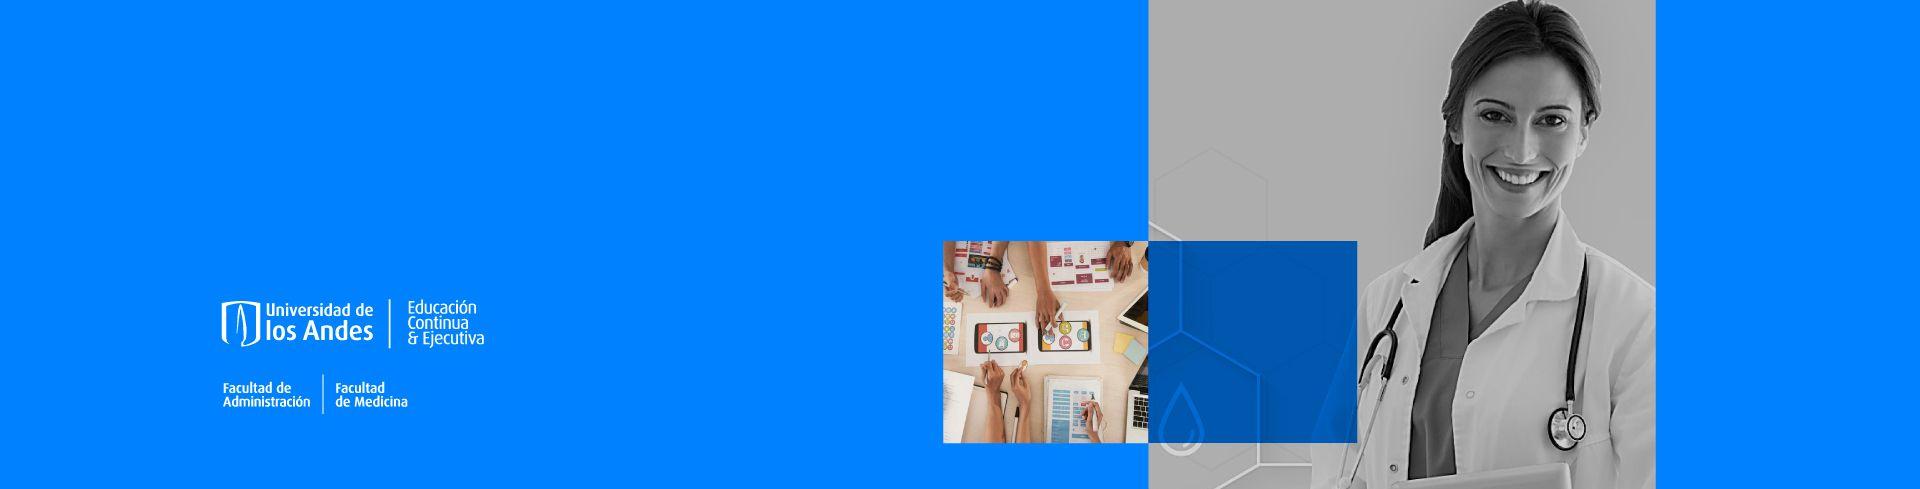 Marketing Farmacéutico: Una visión estratégica e innovadora Desktop